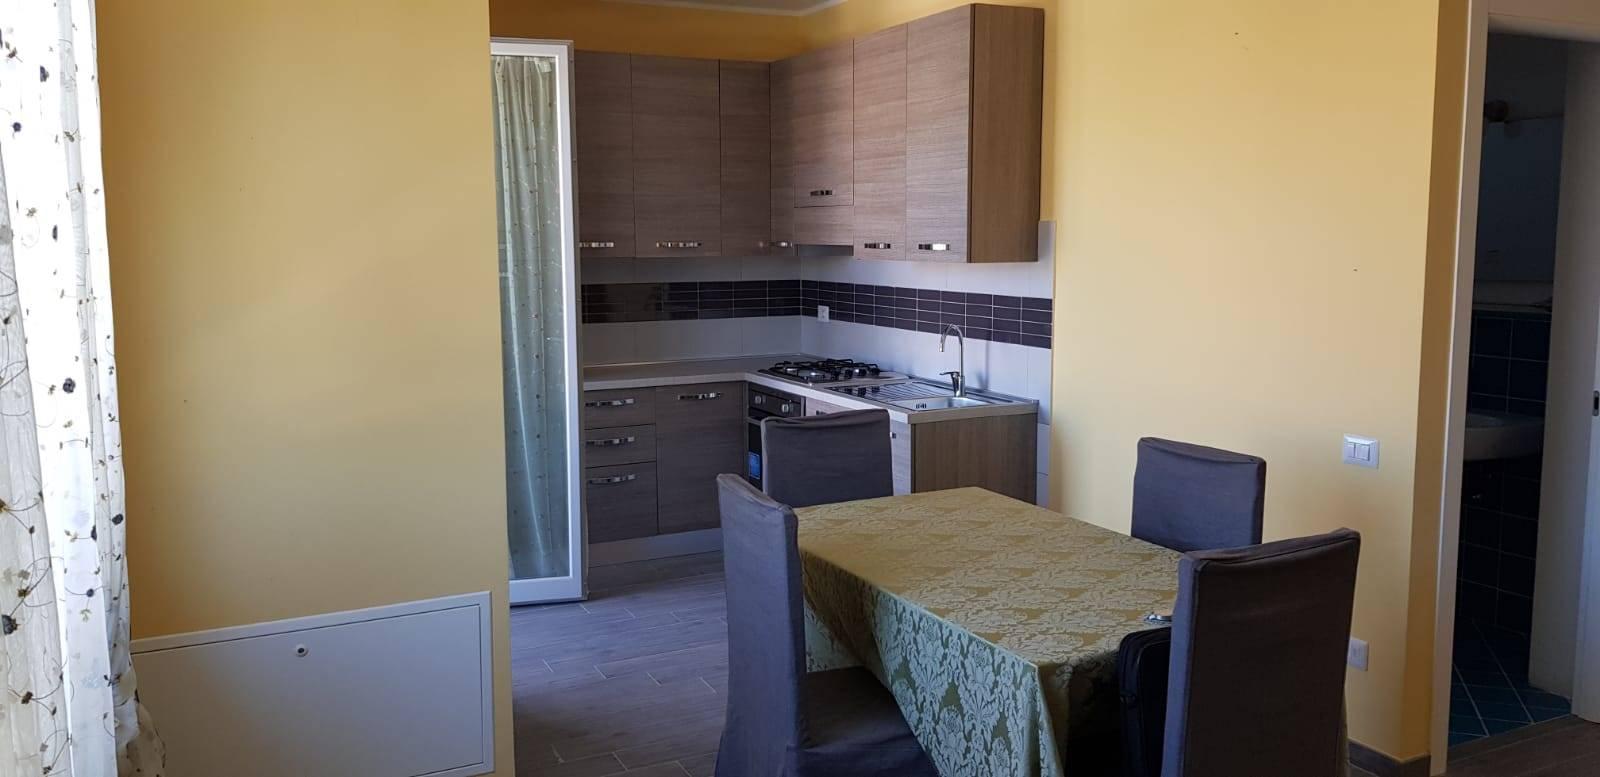 Appartamento in vendita a Spoleto, 3 locali, zona Località: PERIFERIA, prezzo € 110.000 | CambioCasa.it